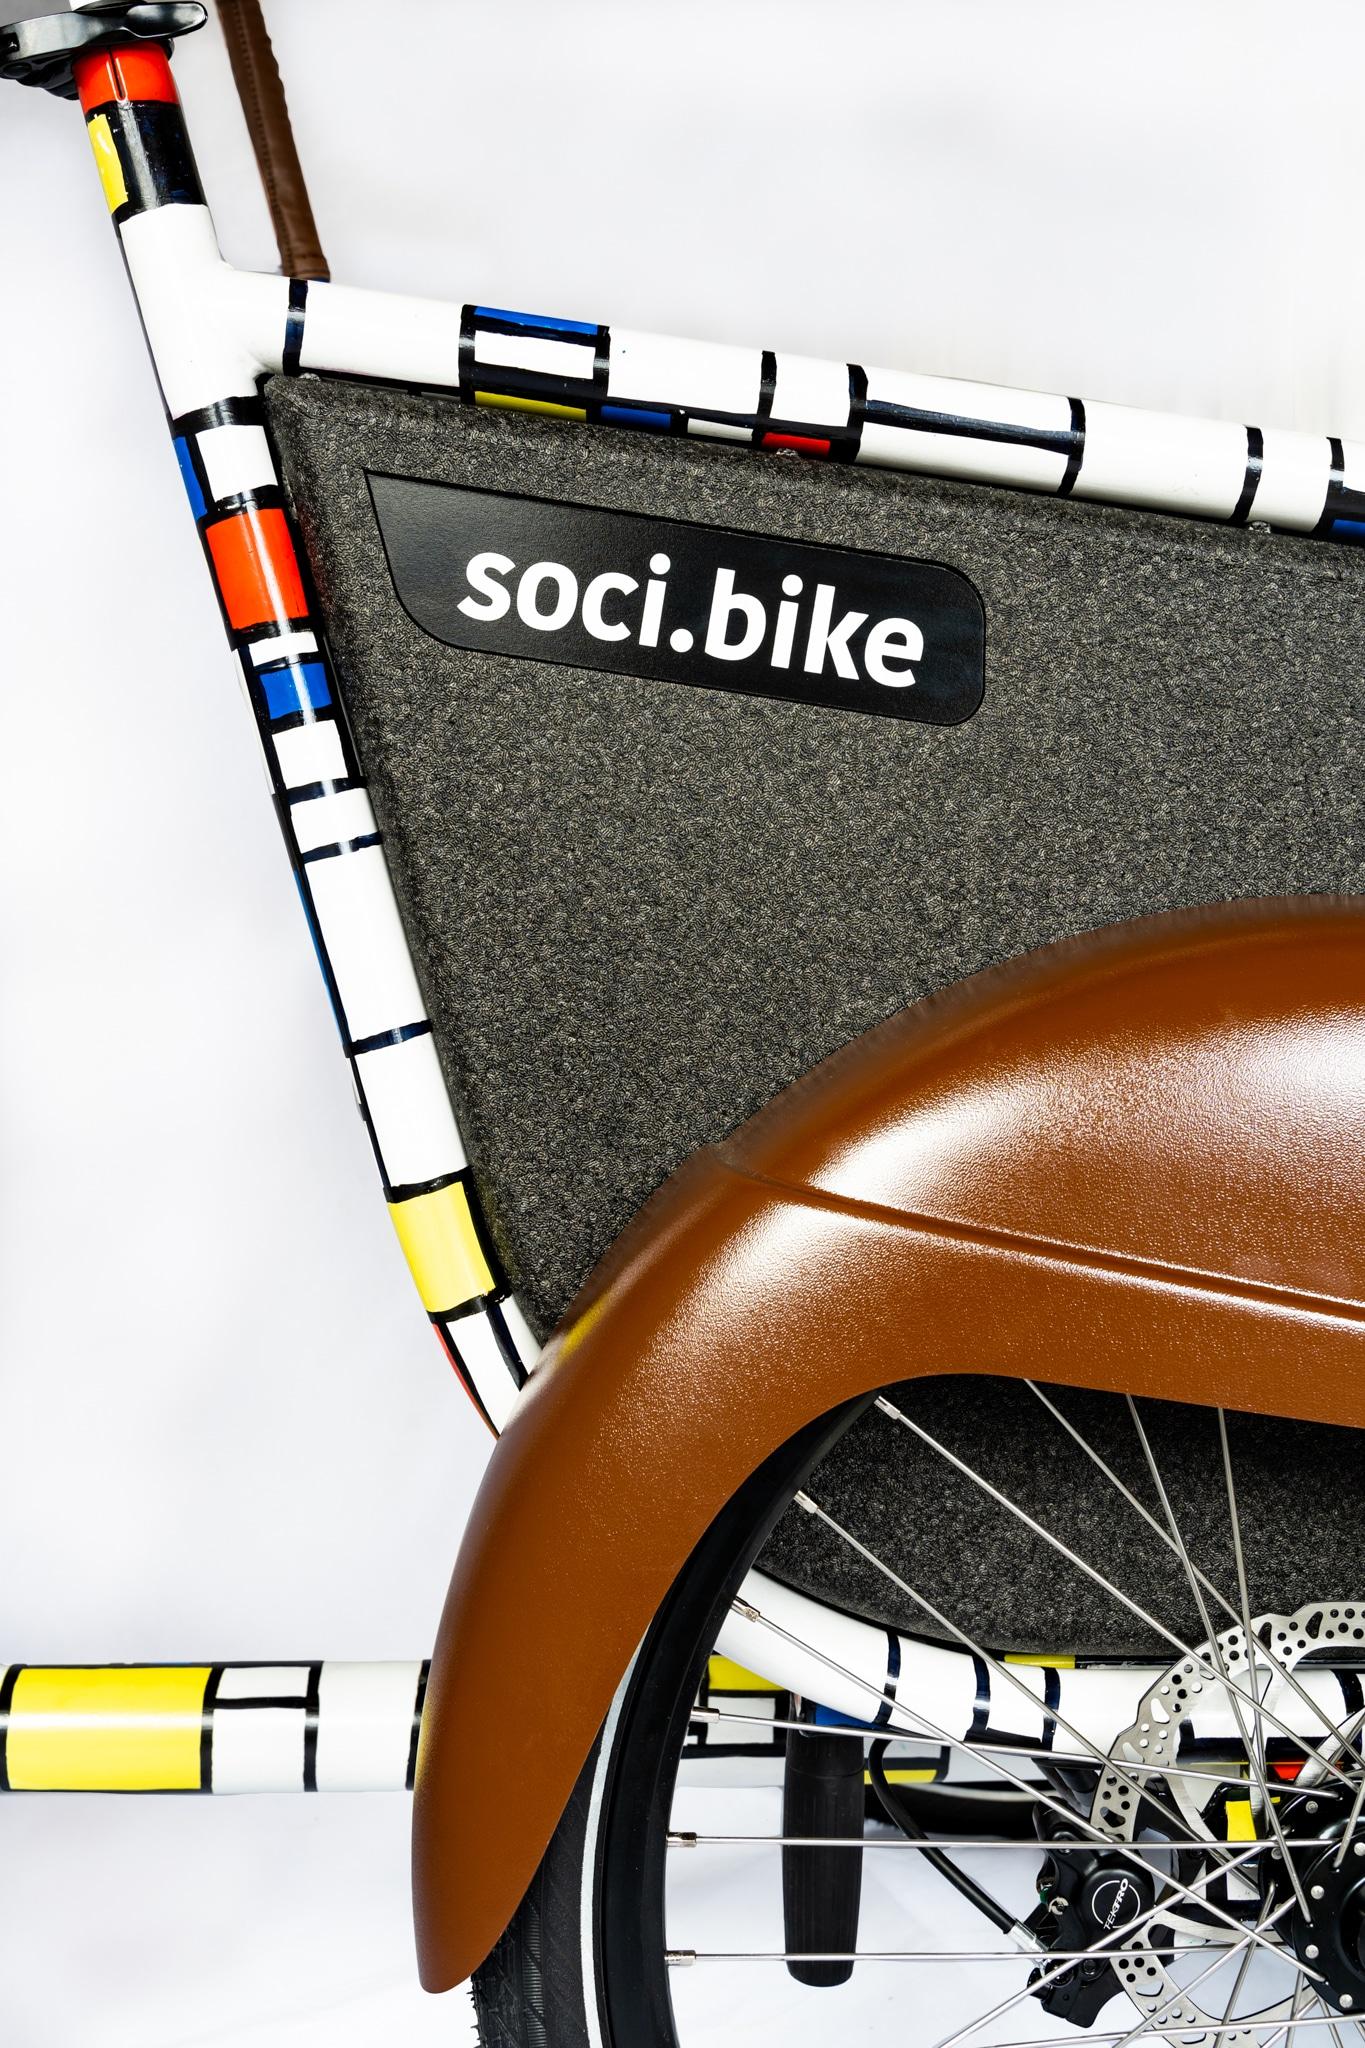 soci.bike Jeroen de Boer TheOlifants kunstproject (4)